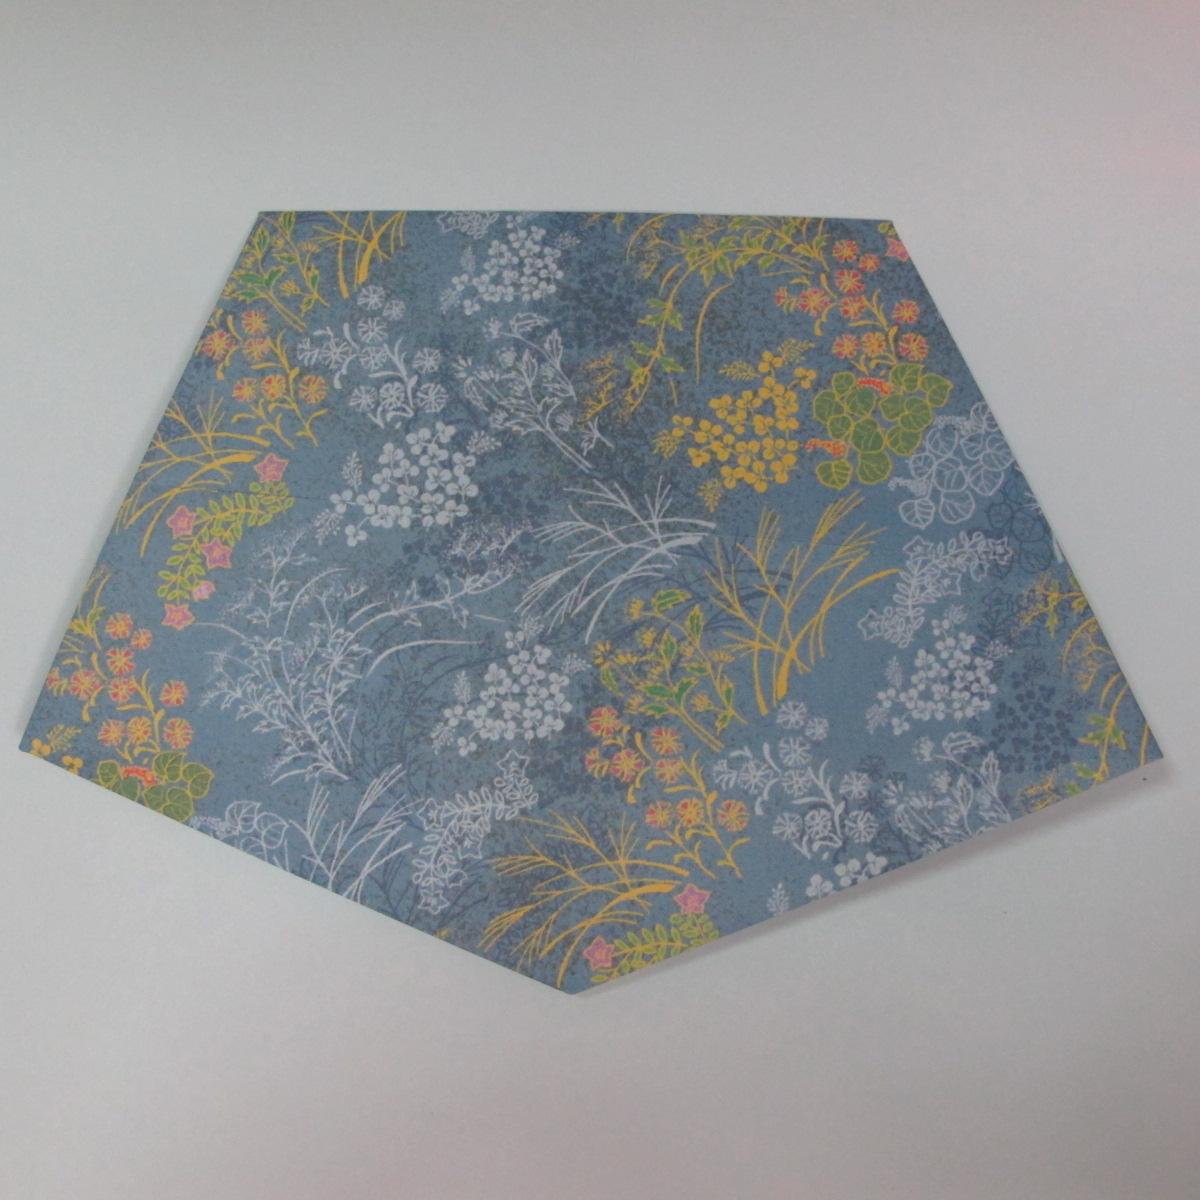 วิธีการพับกระดาษเป็นรูปม้า (Origami Horse) 024